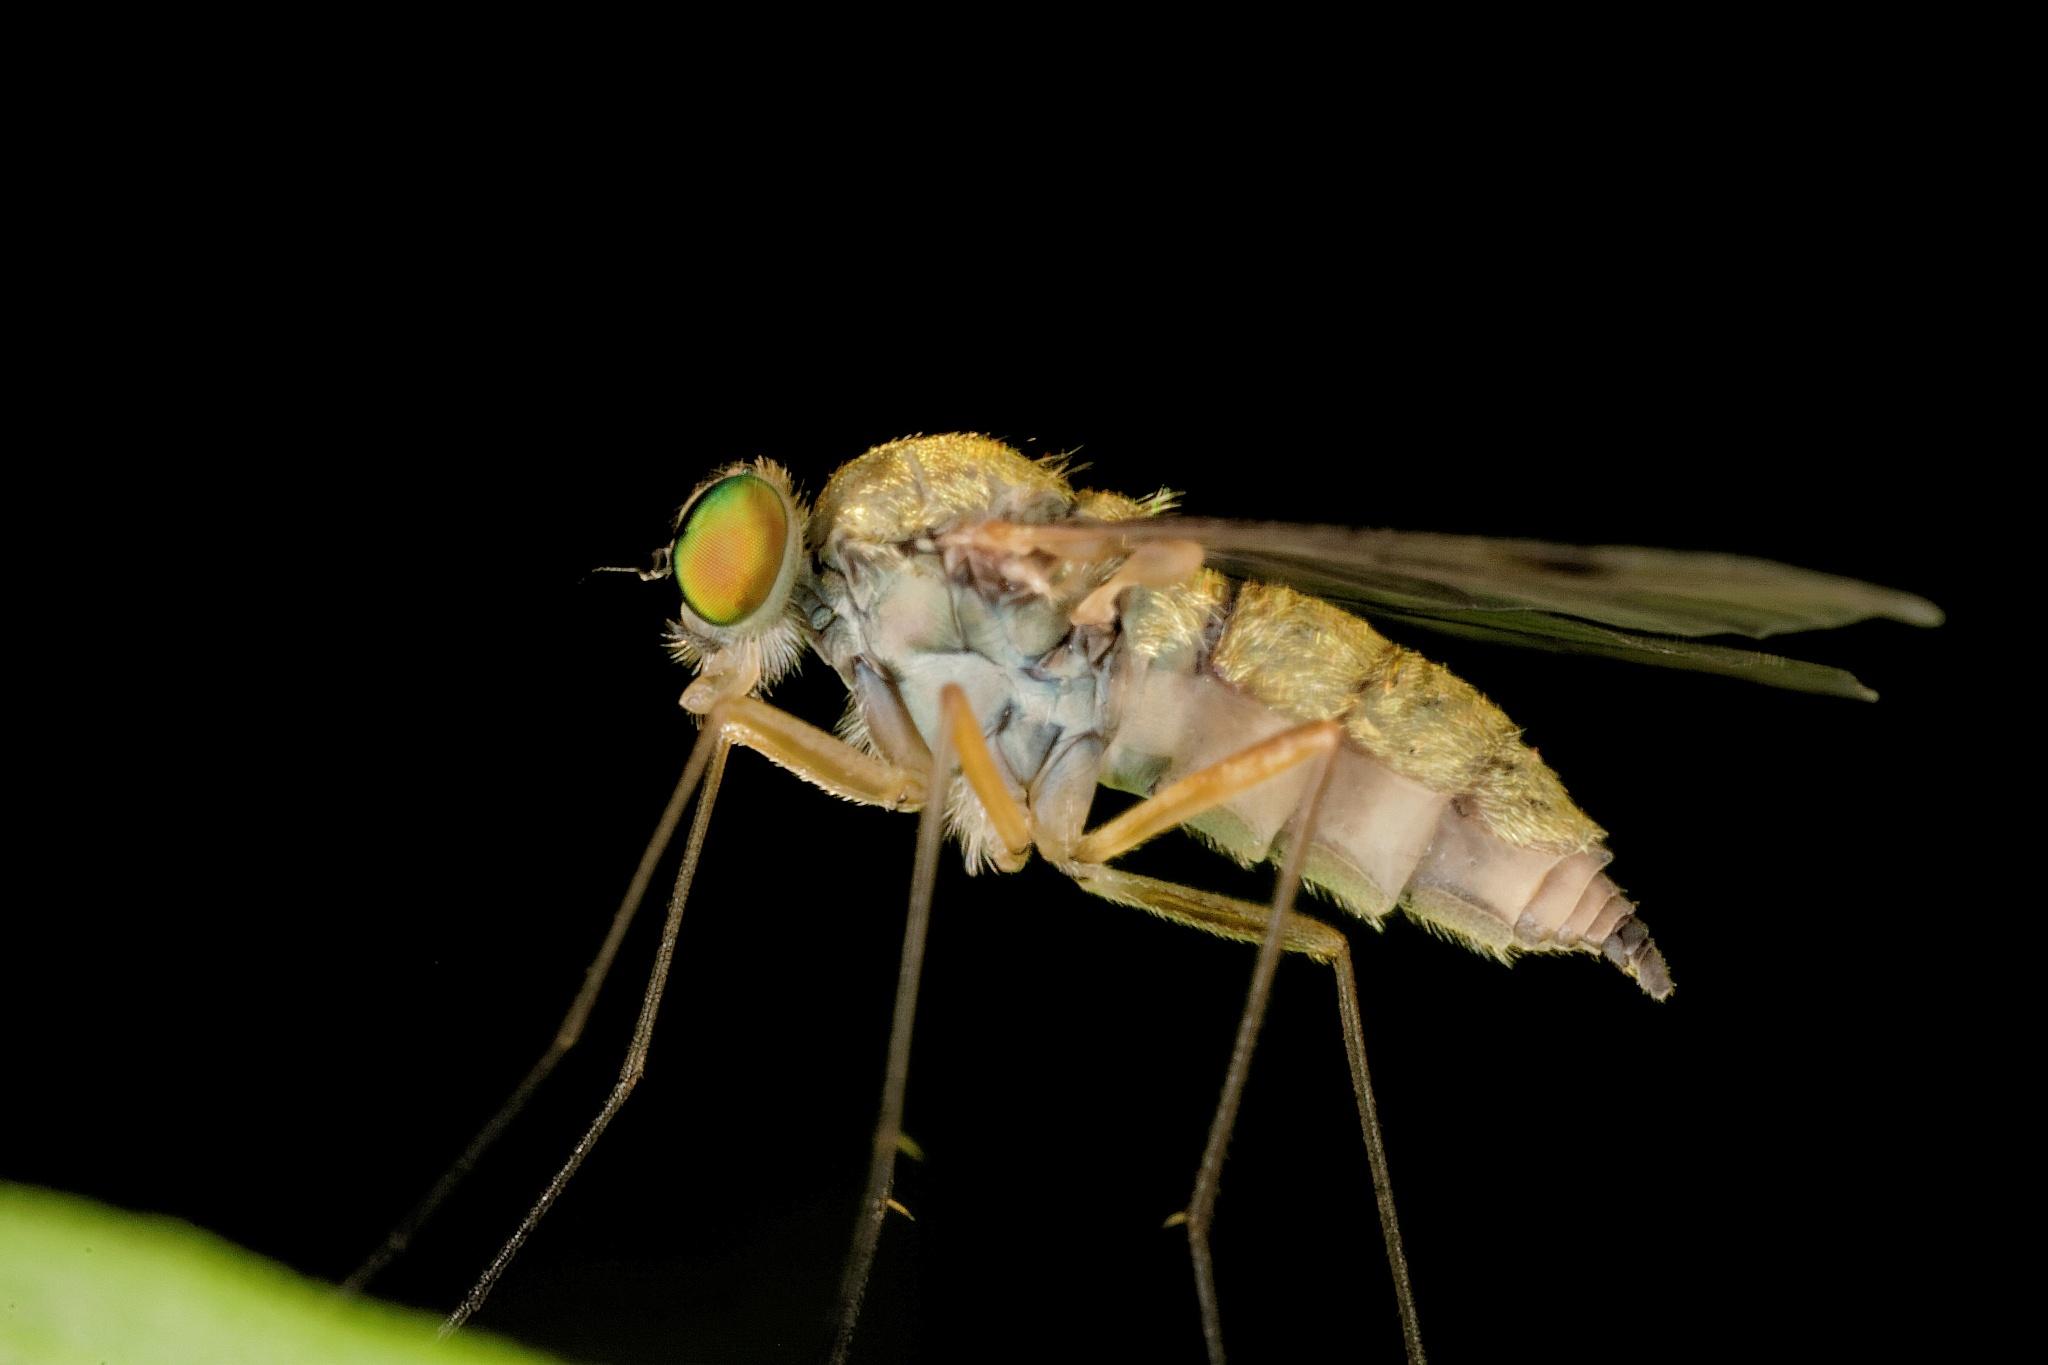 Little fly by jackdaniel